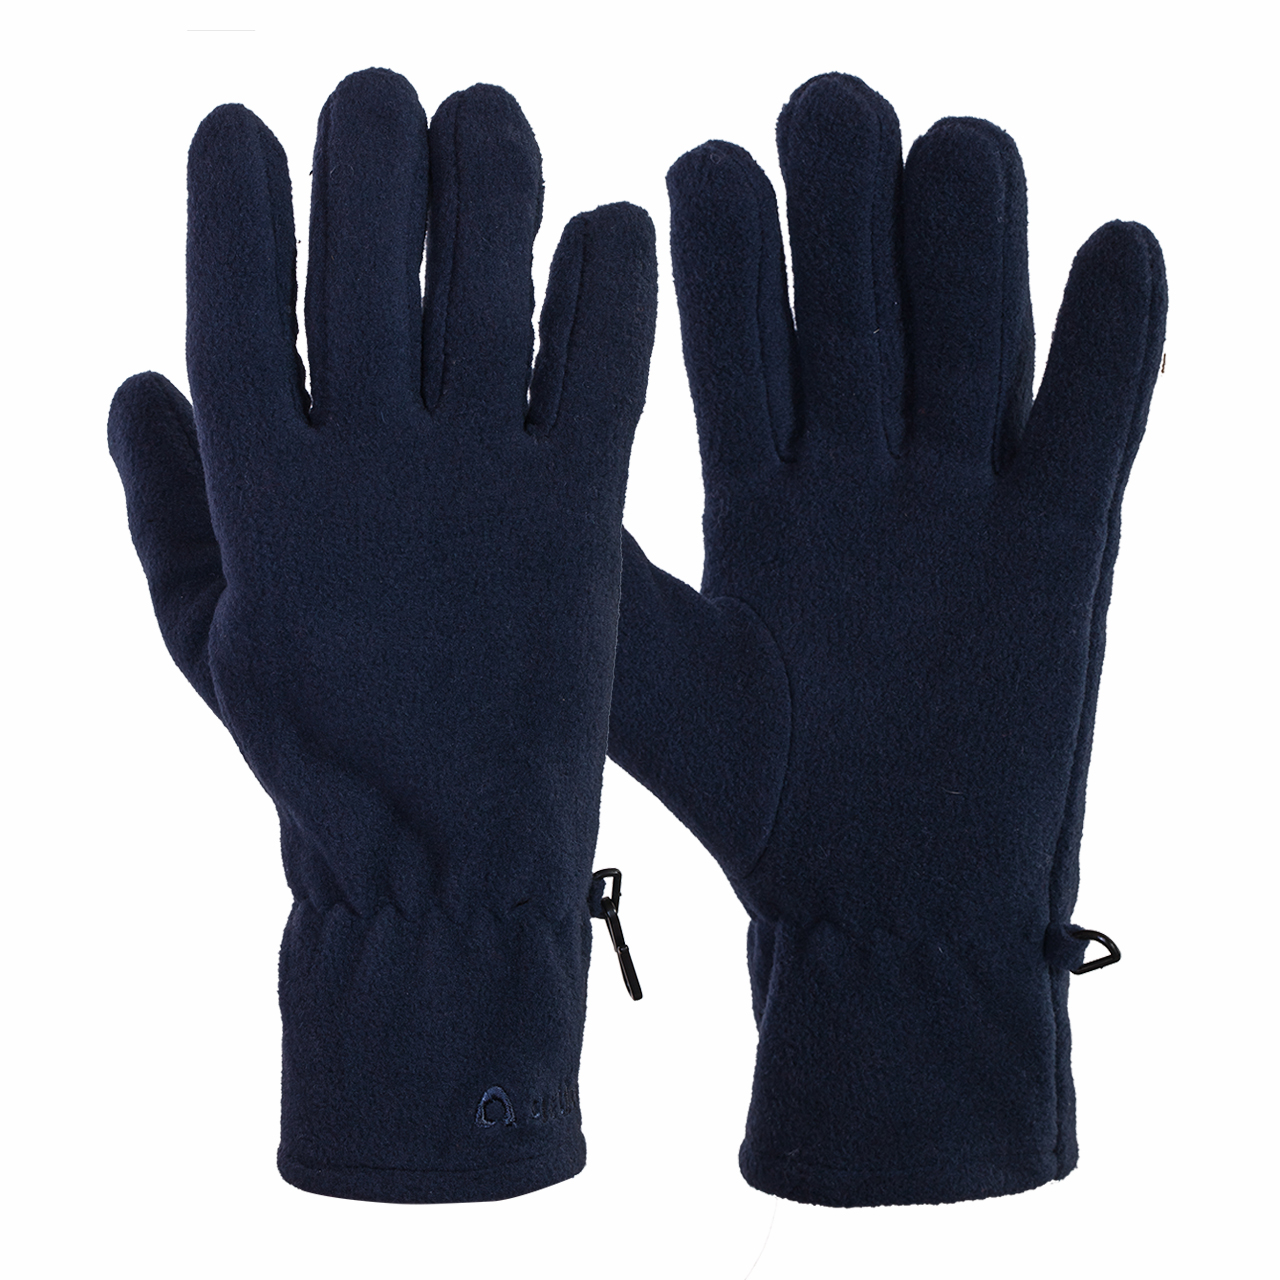 Легкие, но теплые перчатки из флиса – большой выбор моделей